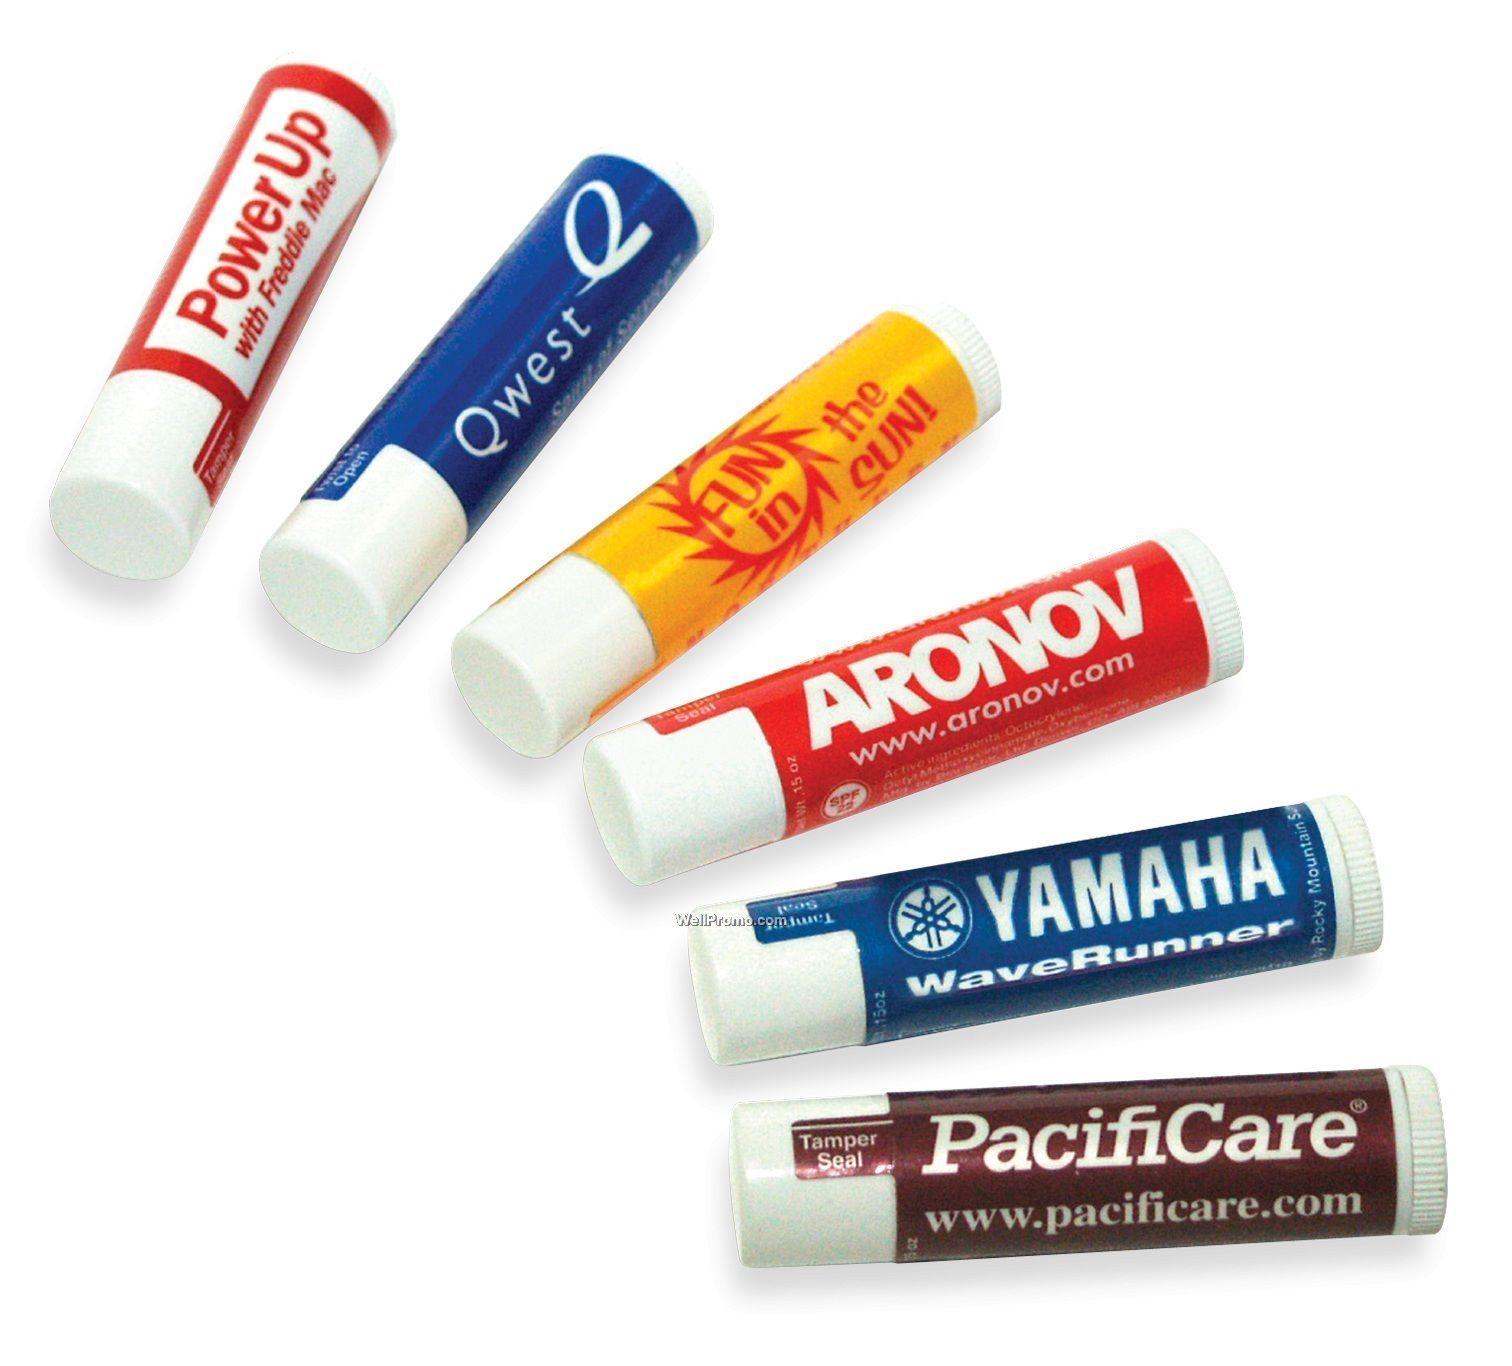 personalized-lip-balm-spf-151